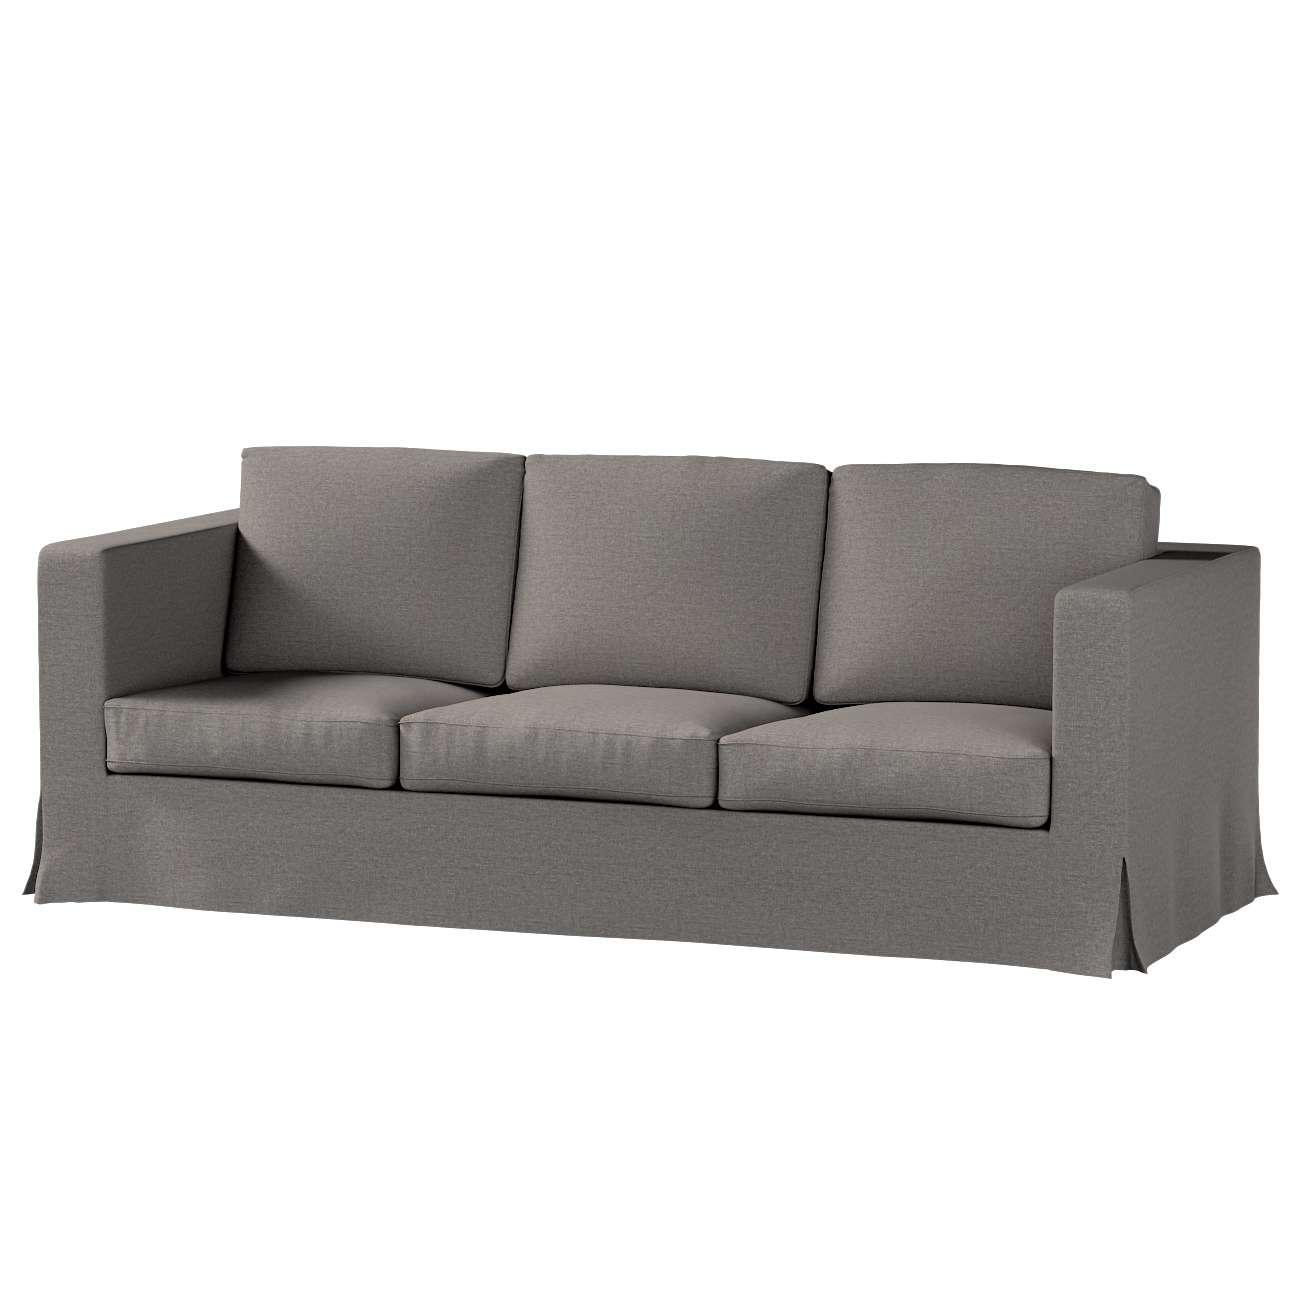 Potah na pohovku IKEA  Karlanda 3-místná nerozkládací, dlouhý v kolekci Edinburgh, látka: 115-77